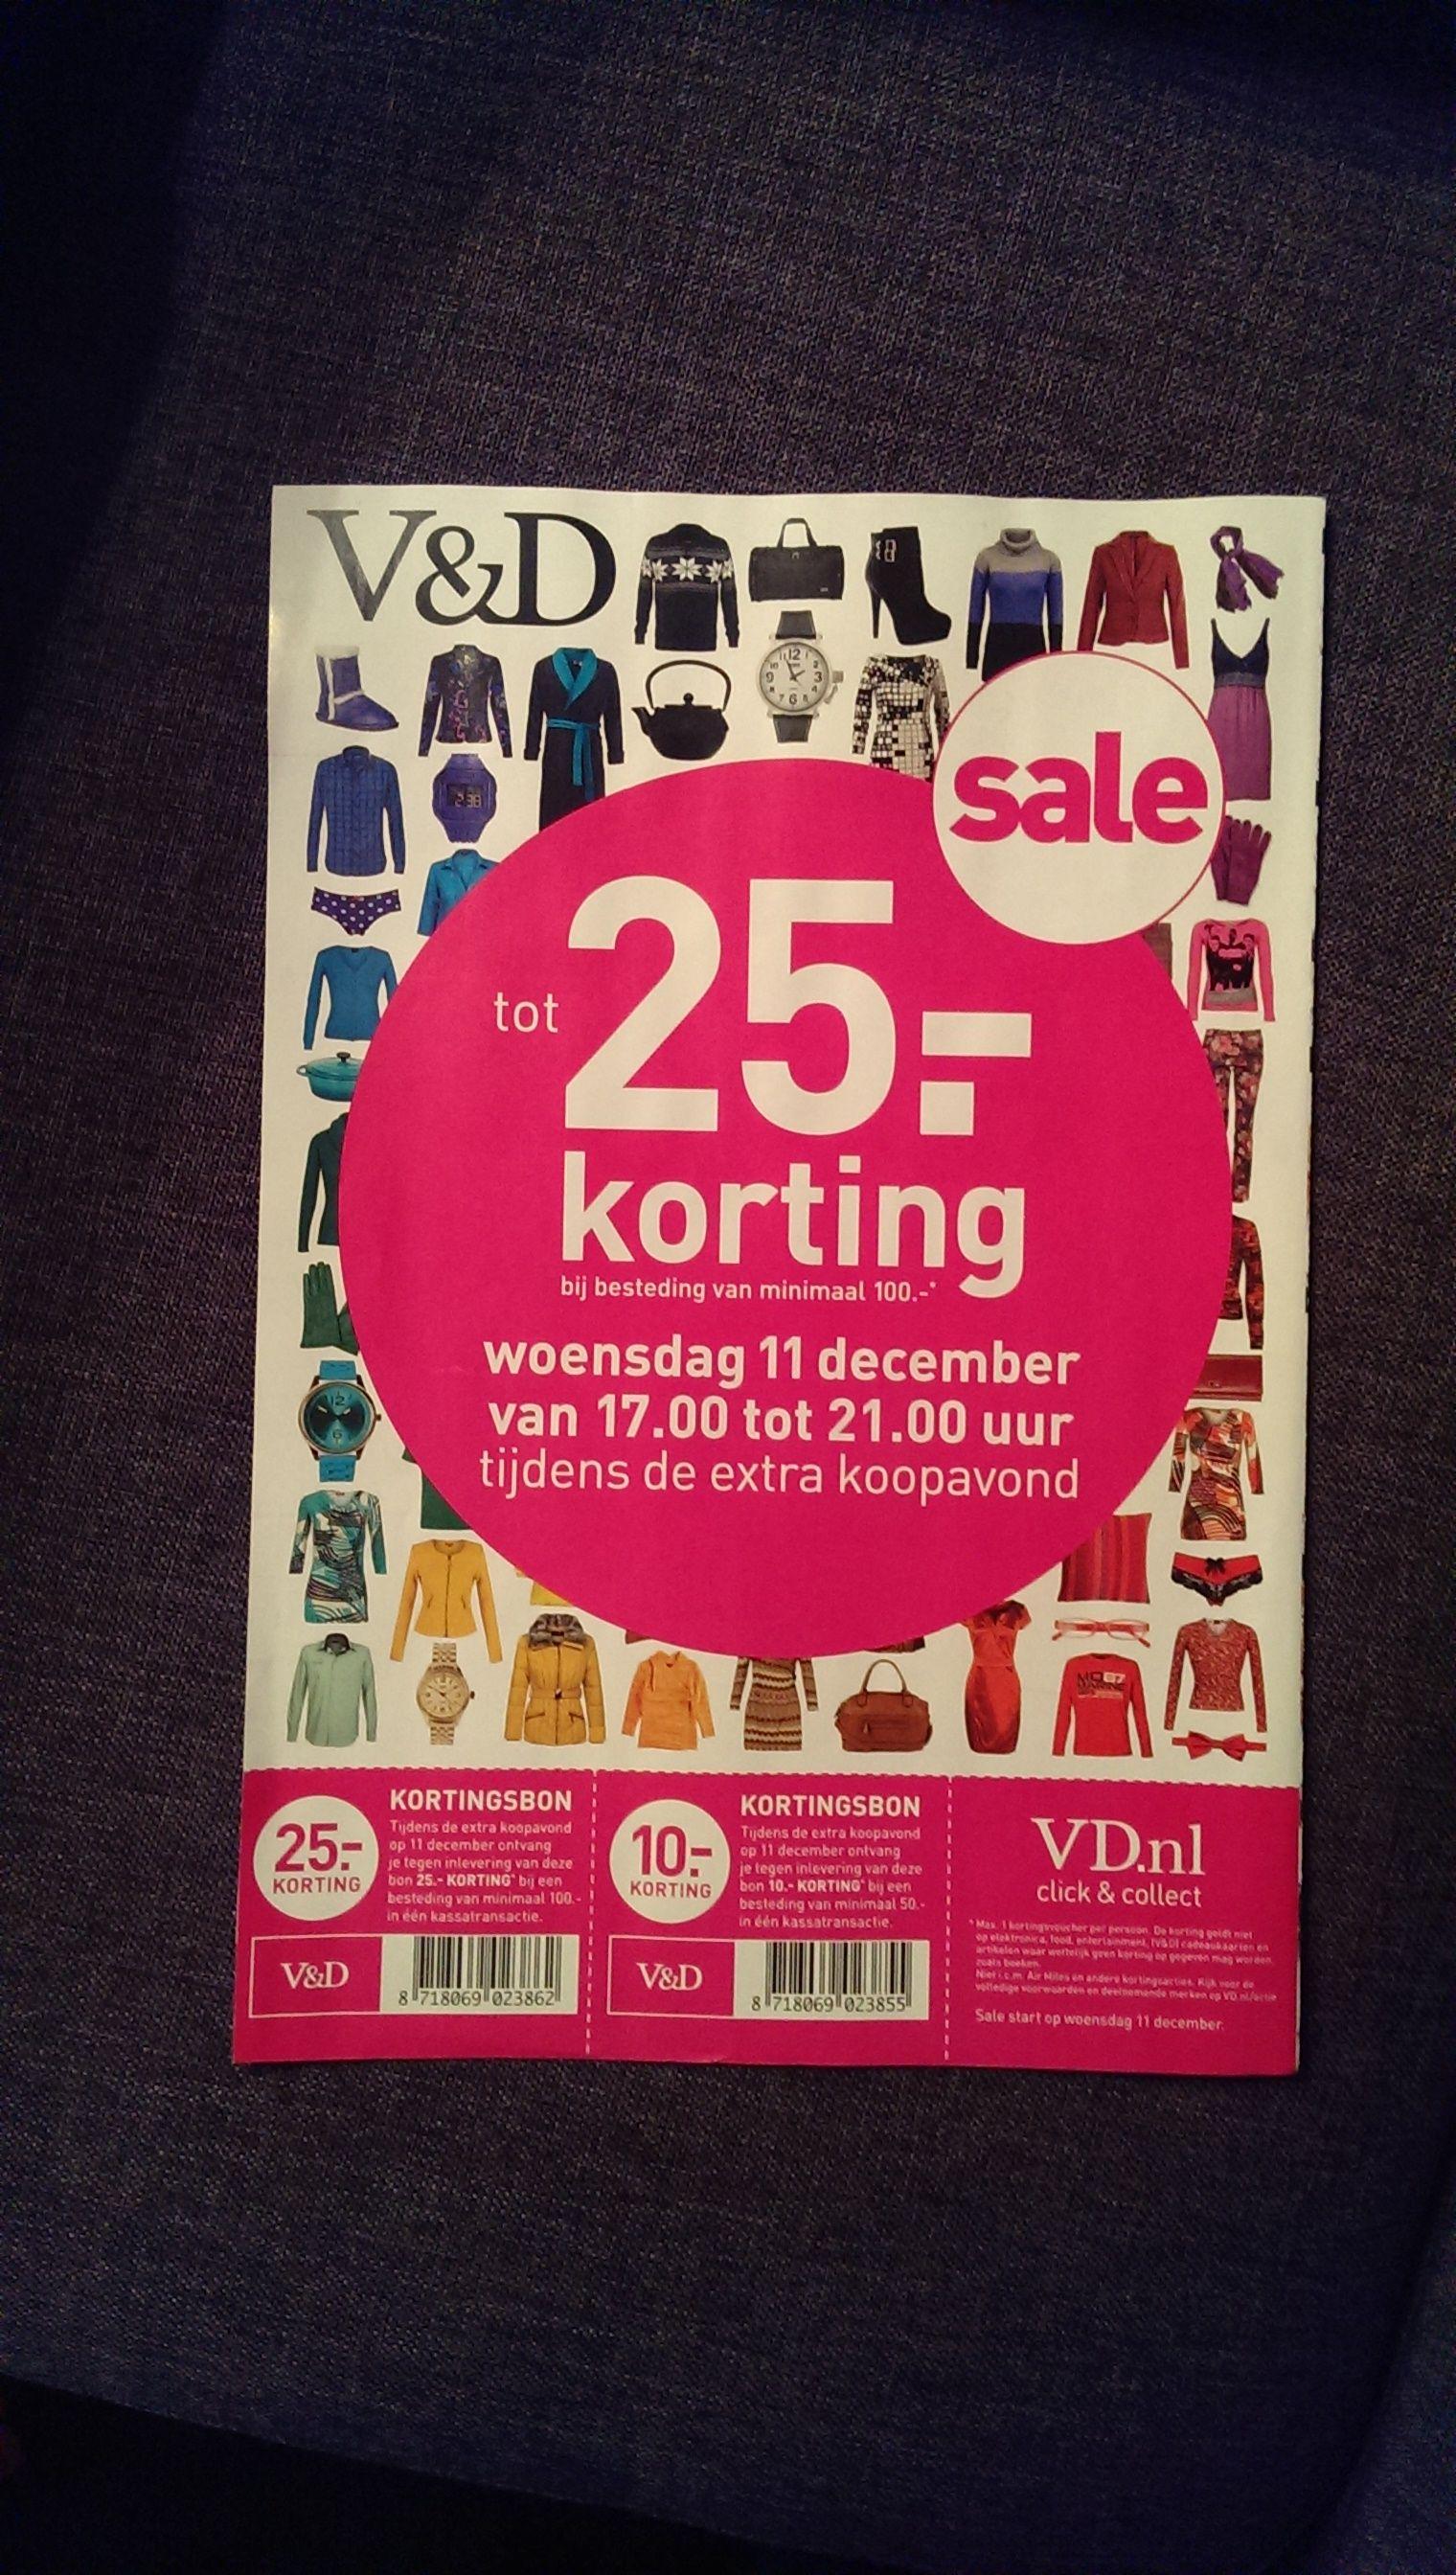 Sterke reclame. Deze flyer laat zien dat er een speciale kortingsavond georganiseerd wordt. Je krijgt € 10,- en € 25,-. Op de achtergrond staan leuke items die aantrekken.